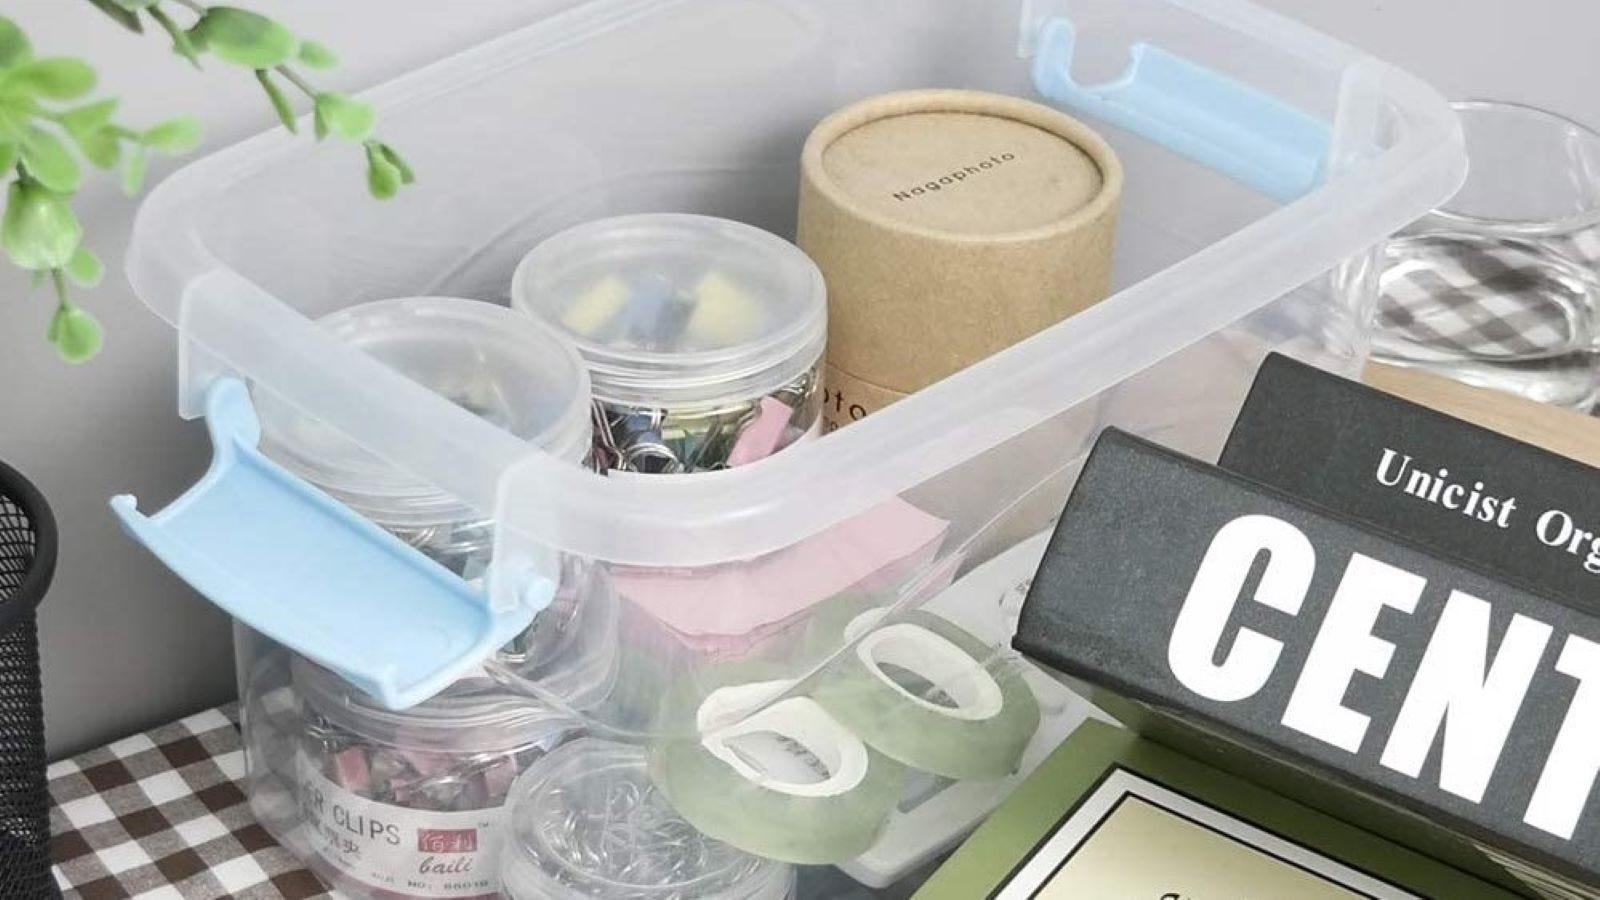 Office supplies packed in a plastic Joyeen bin.